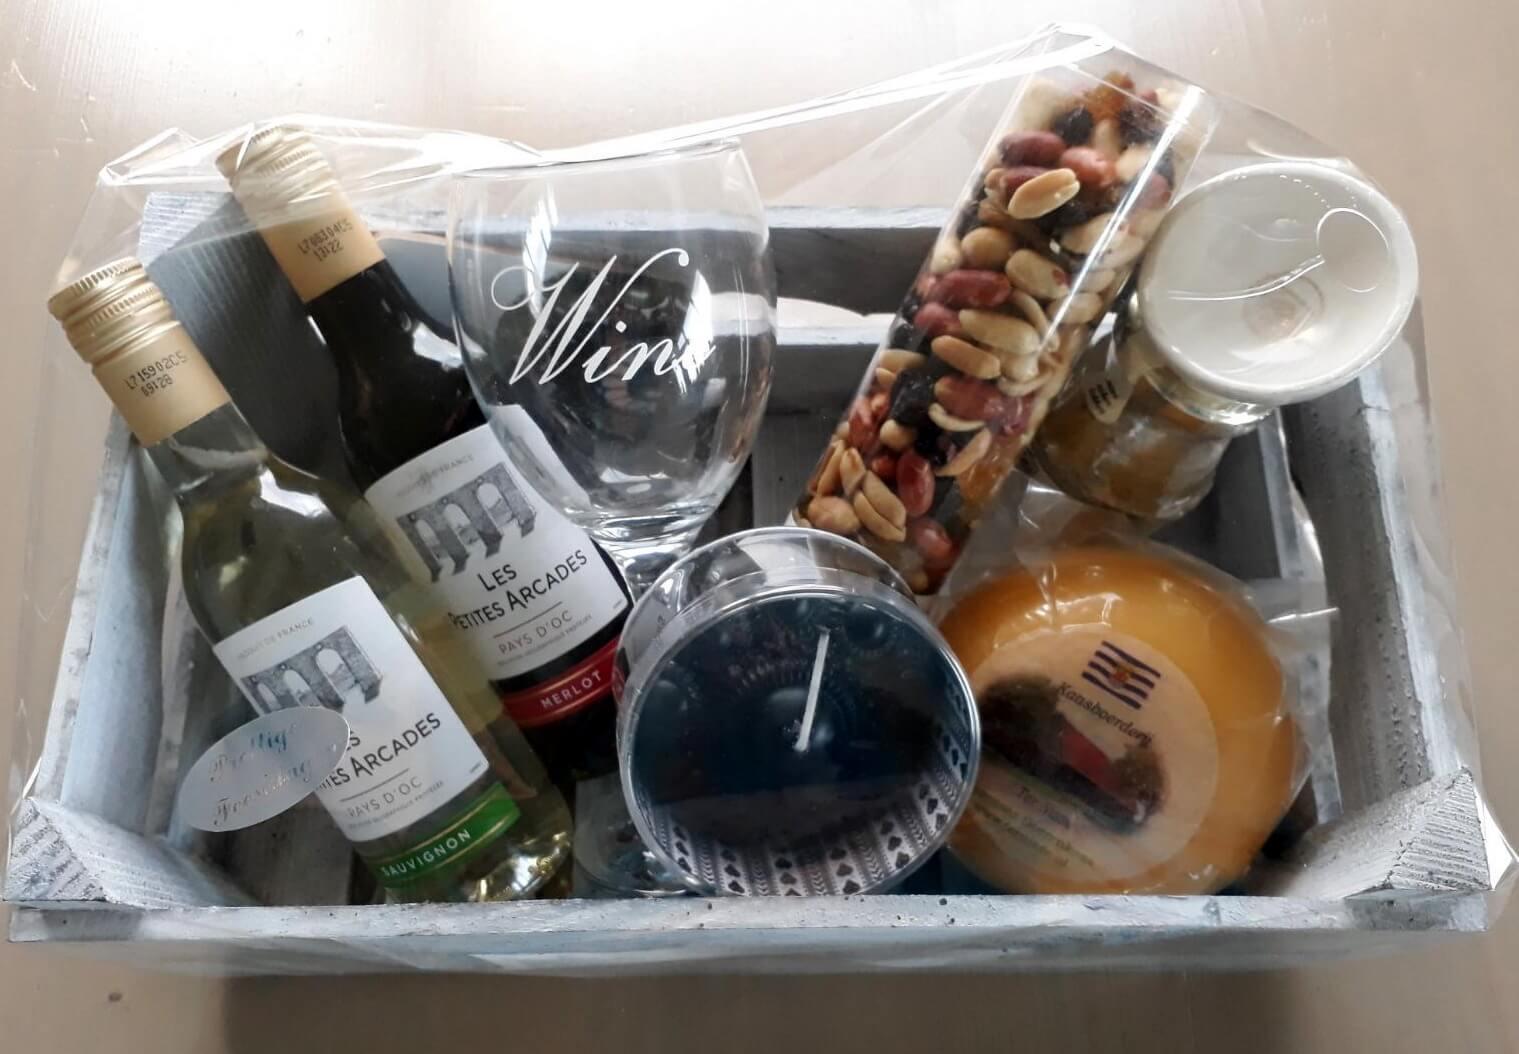 Fruitbedrijf_van_den_Berge_kerstpakketten2017_10